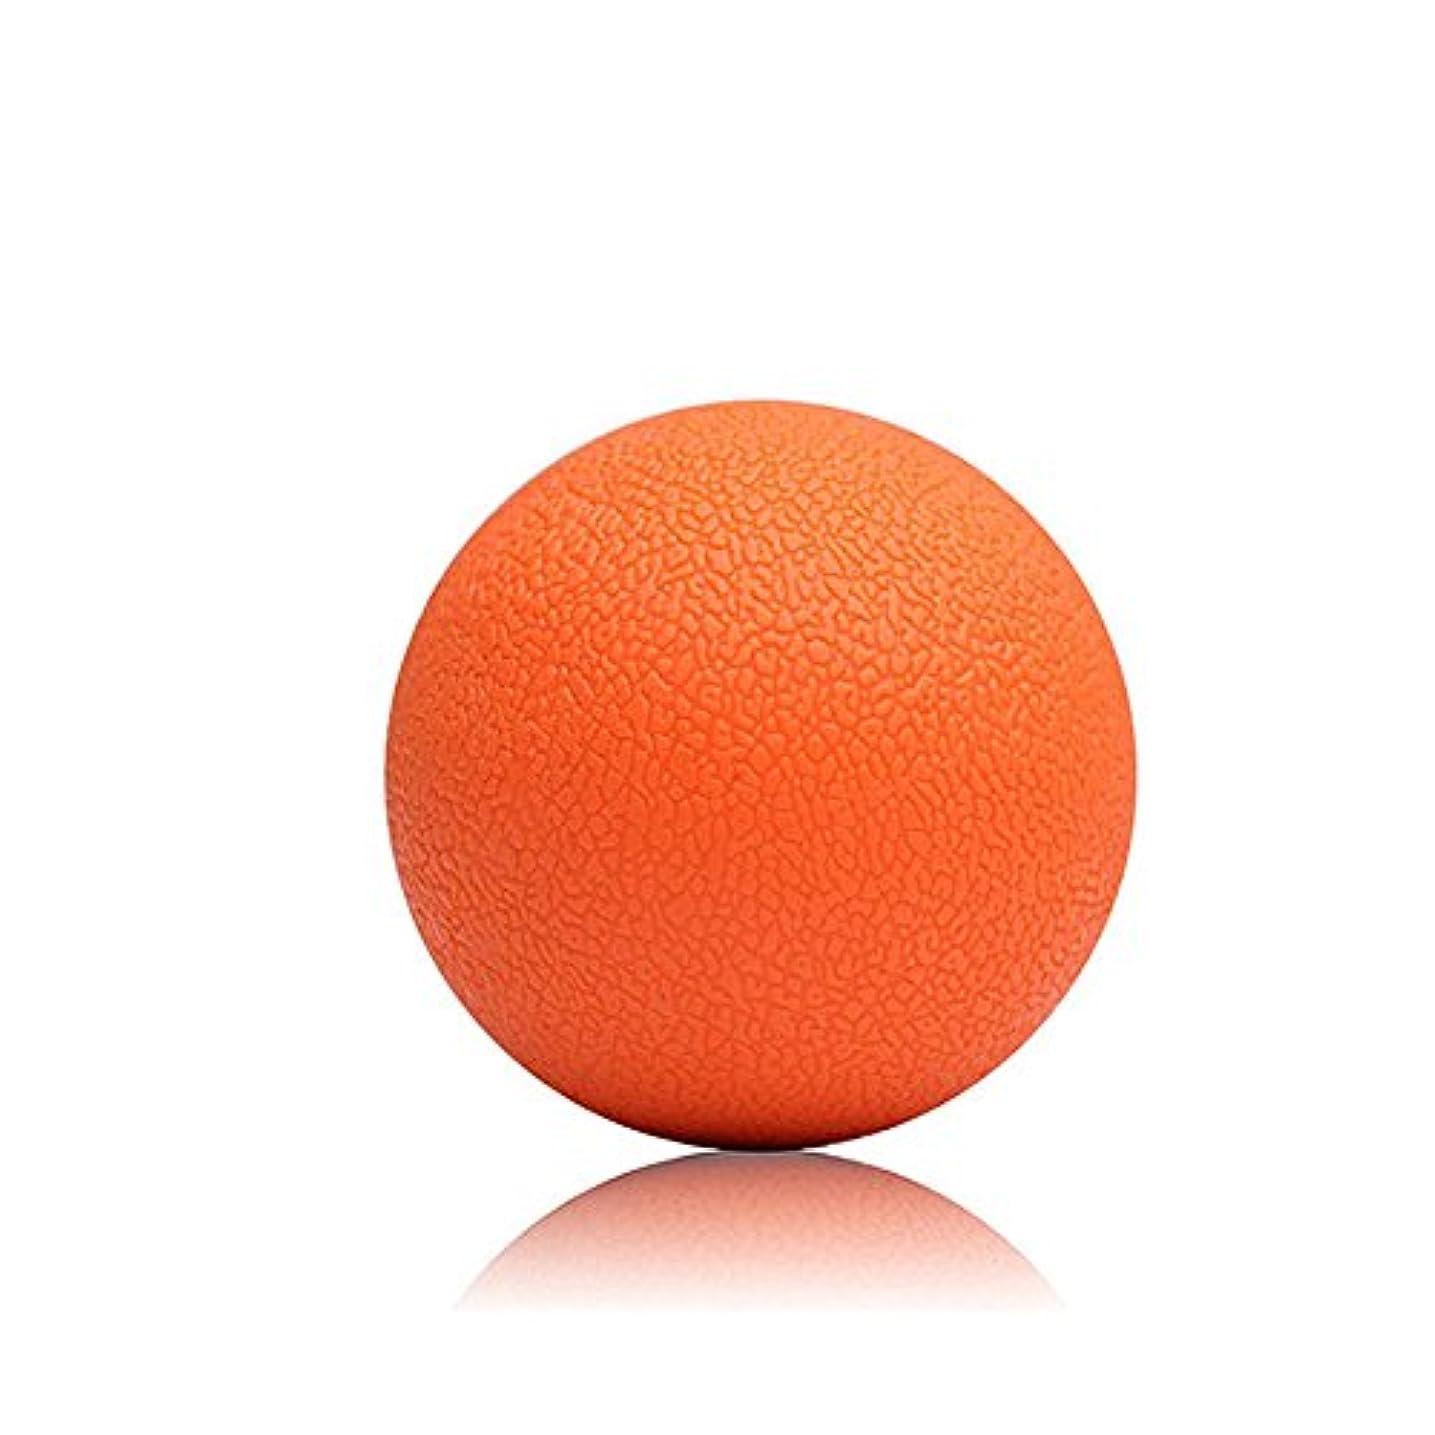 グロー週末用心深いマッサージボール 筋膜リリース 指圧ボール 足裏 ふくらはぎ ツボ押しグッズ 健康グッズ